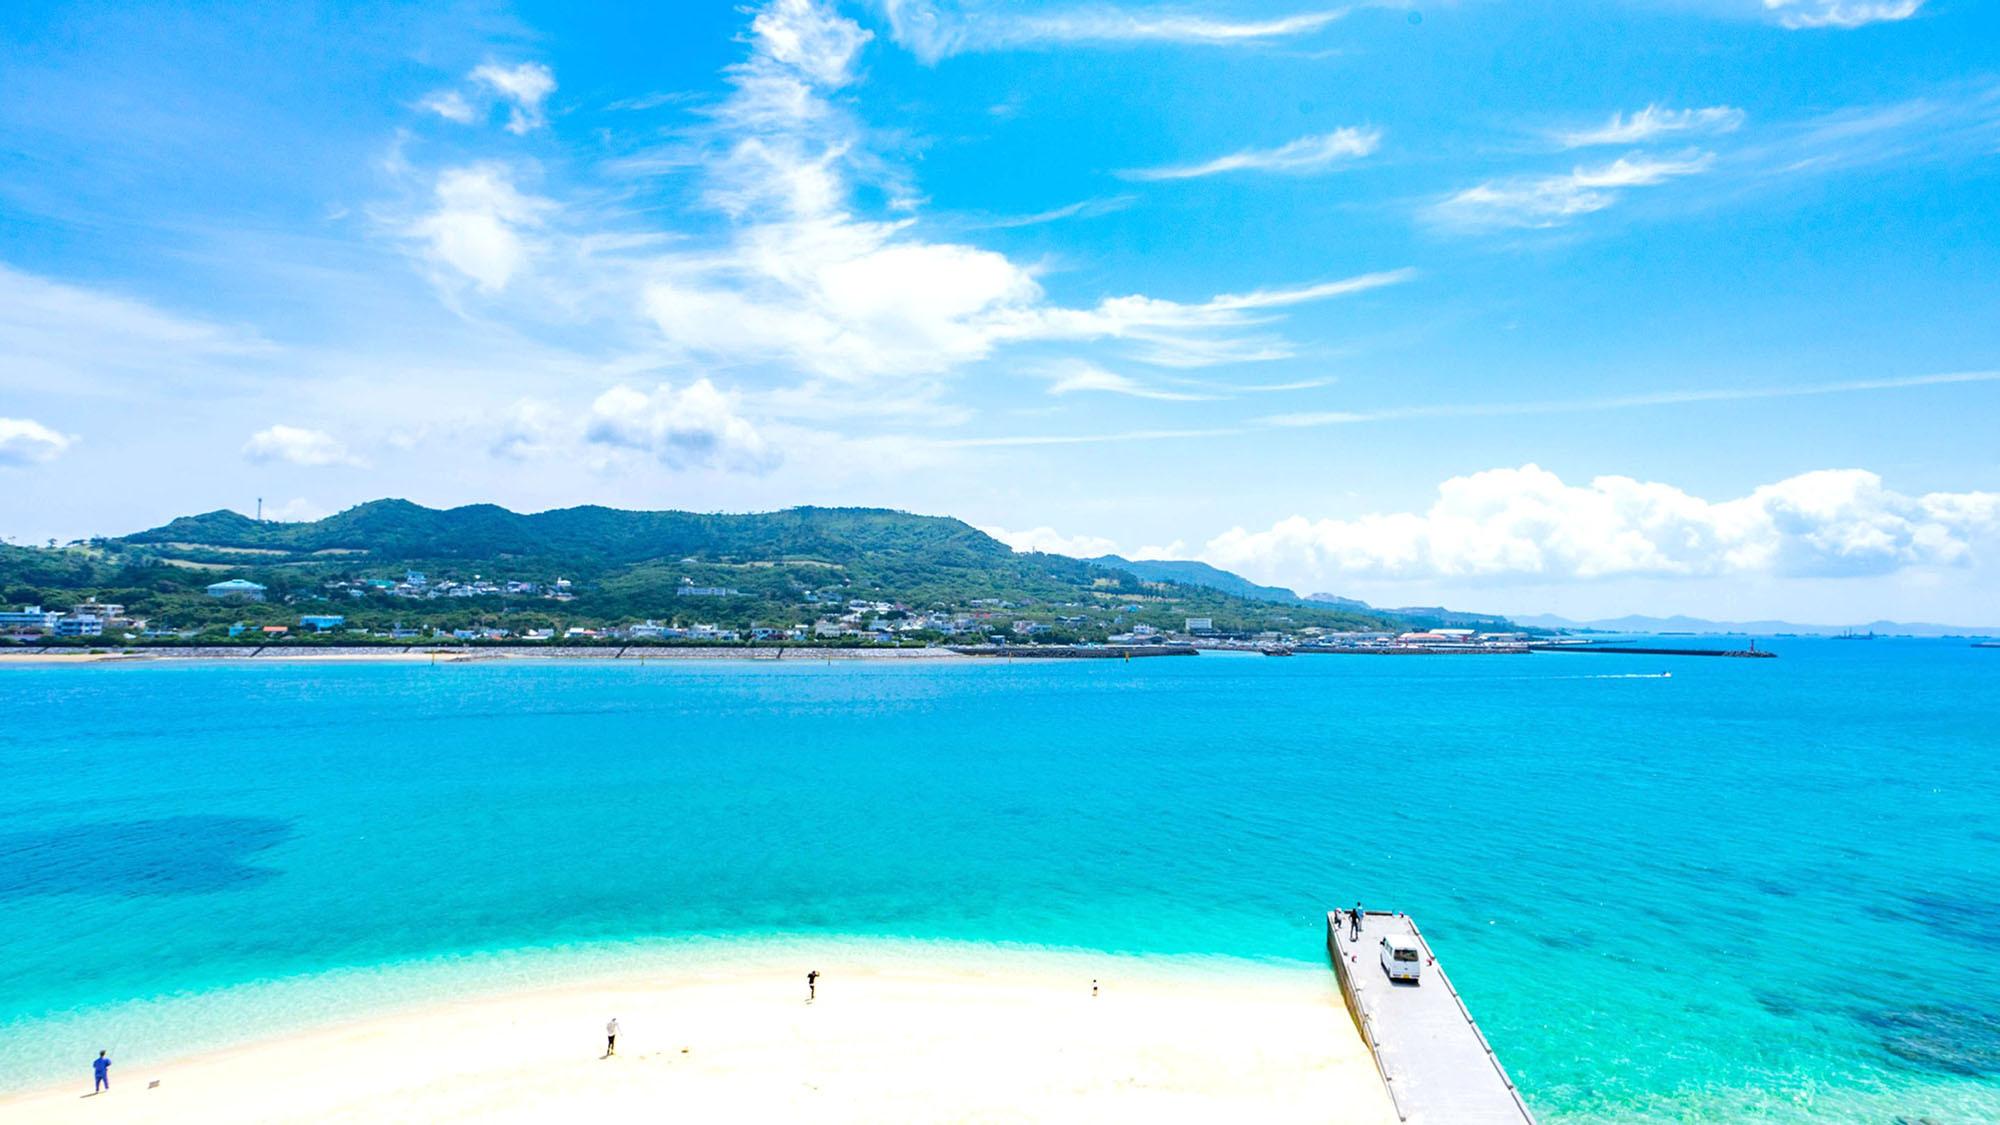 ・【ビーチ】瀬底倶楽部から水着のまま海へGO!